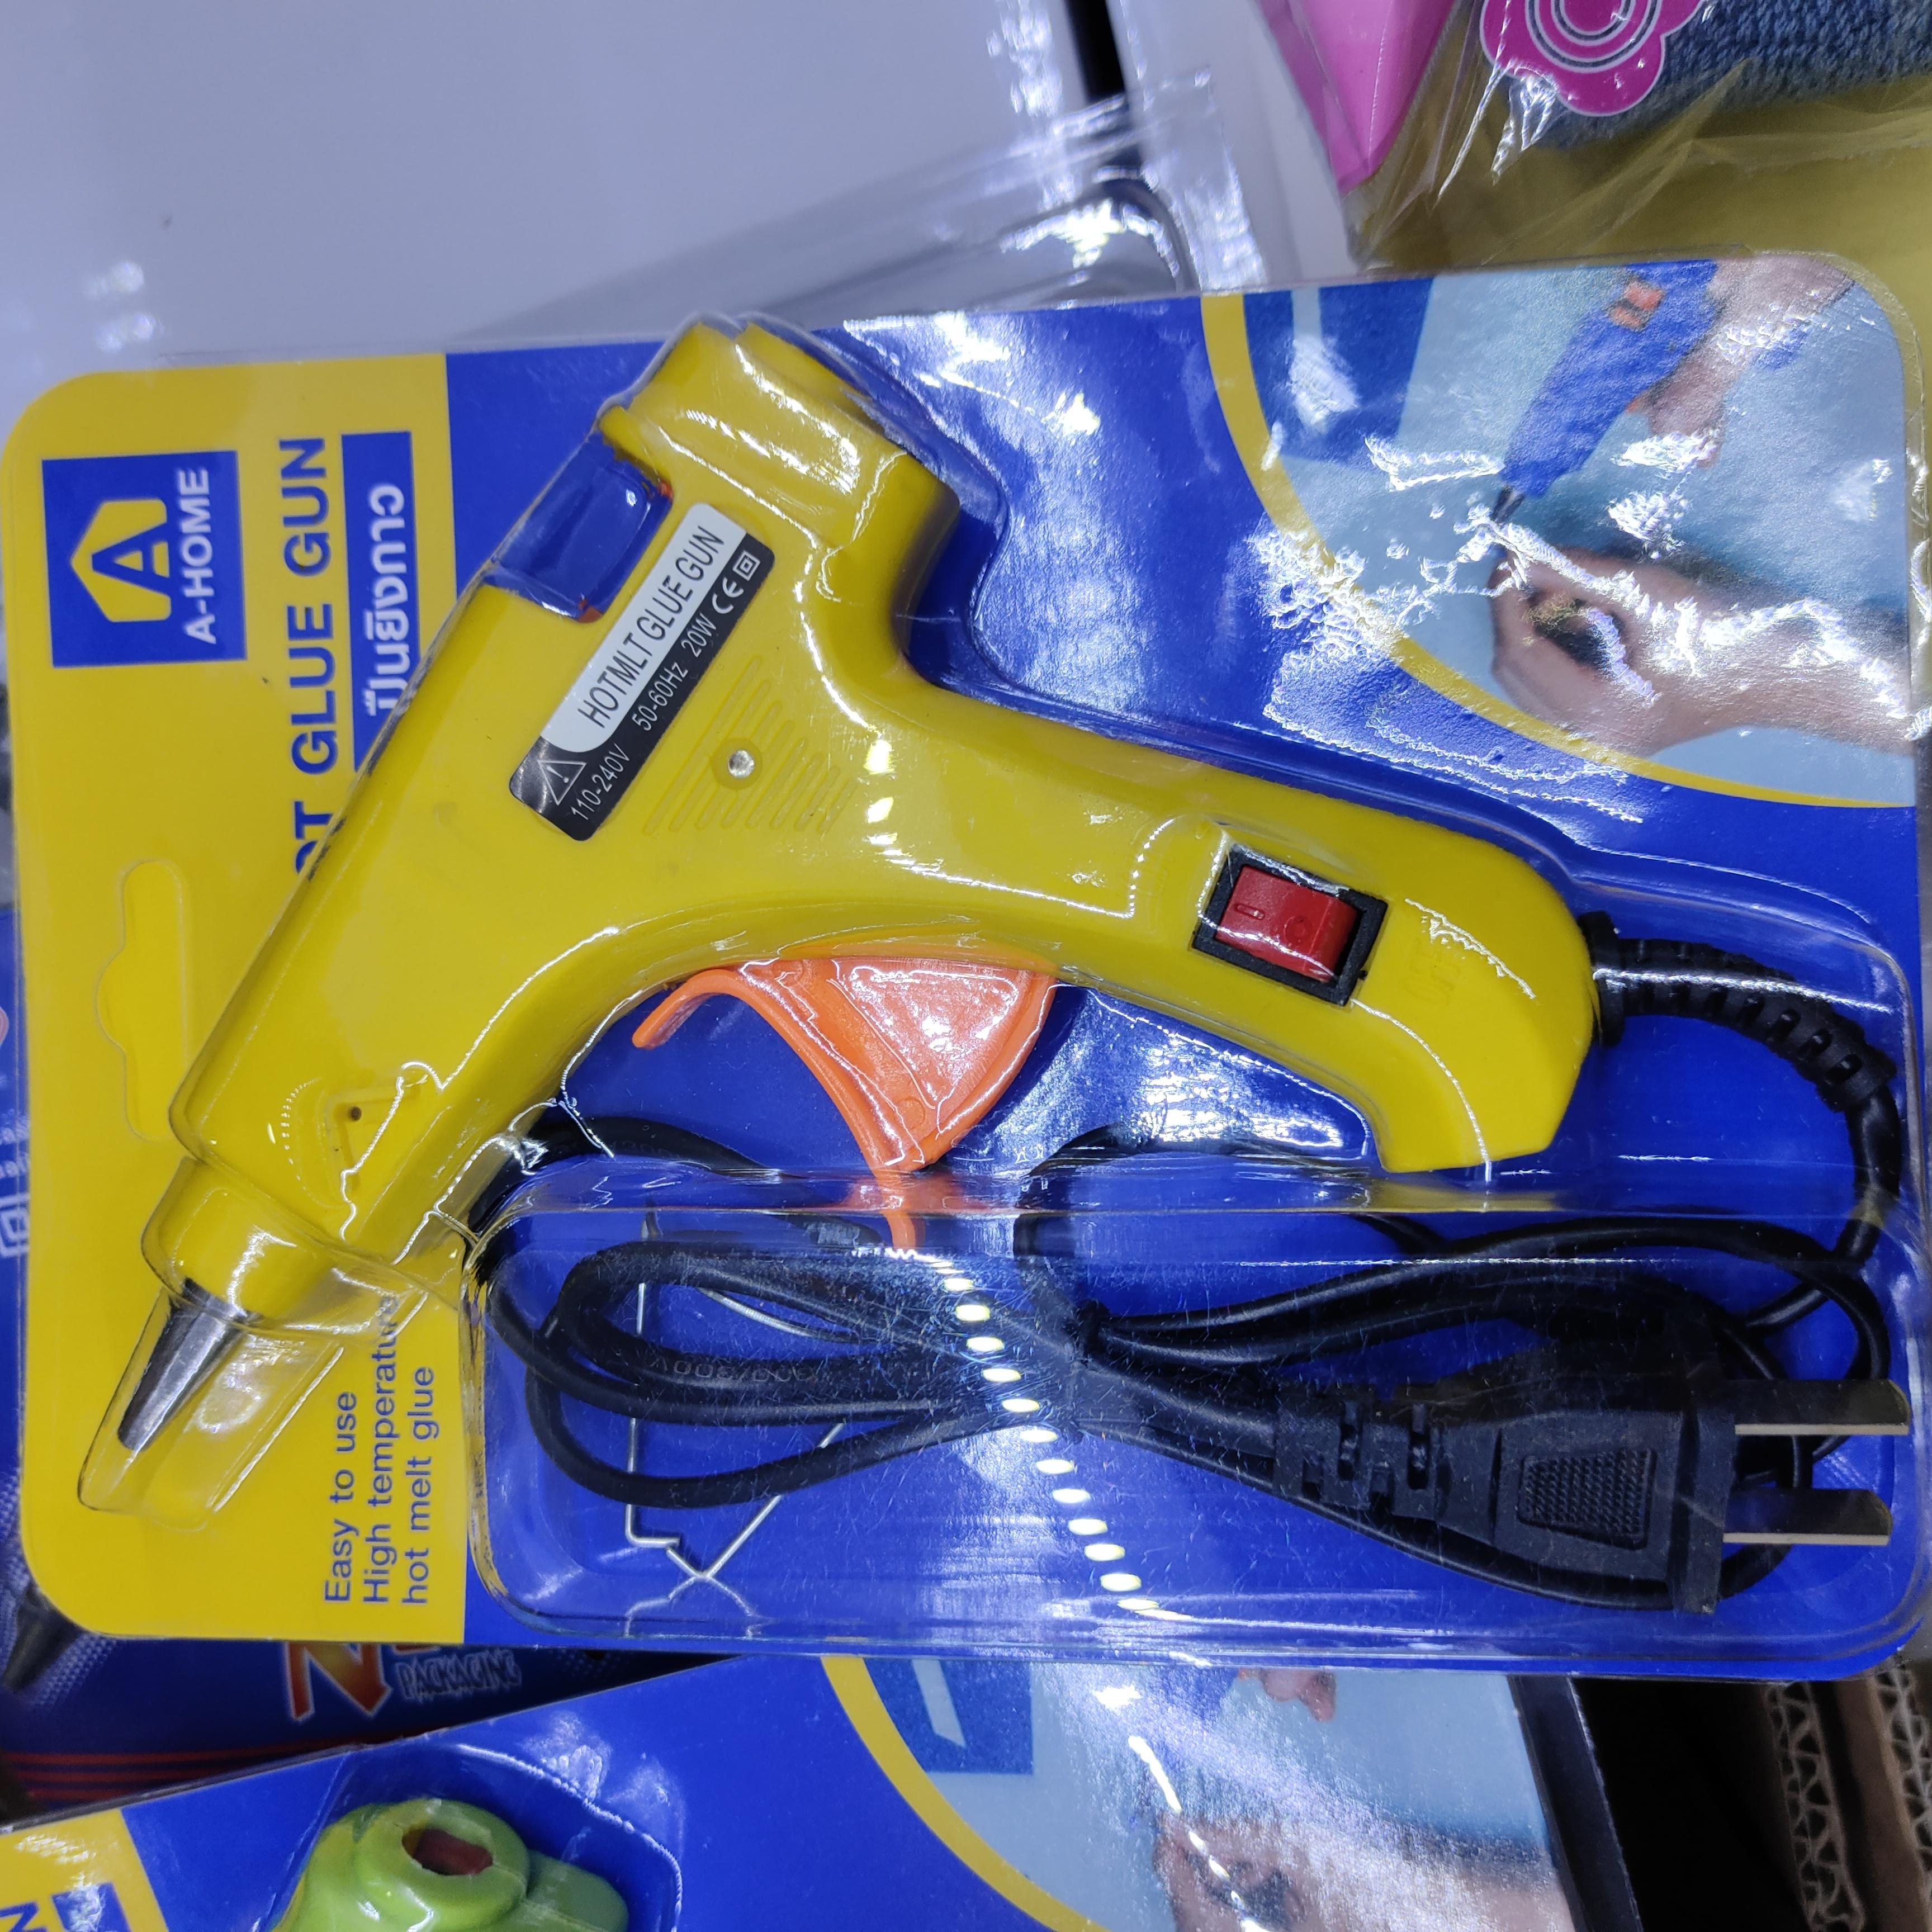 彩色小胶枪欢迎定做7mm使用,绿,黄,蓝